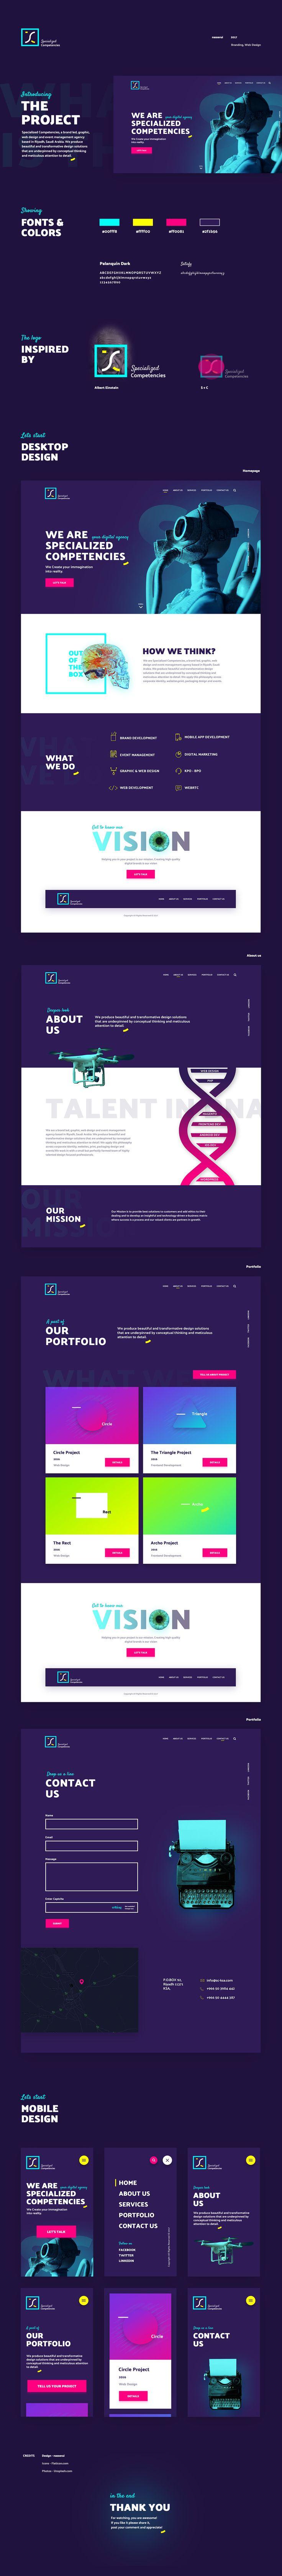 SC --- Webdesign and Branding on Behance